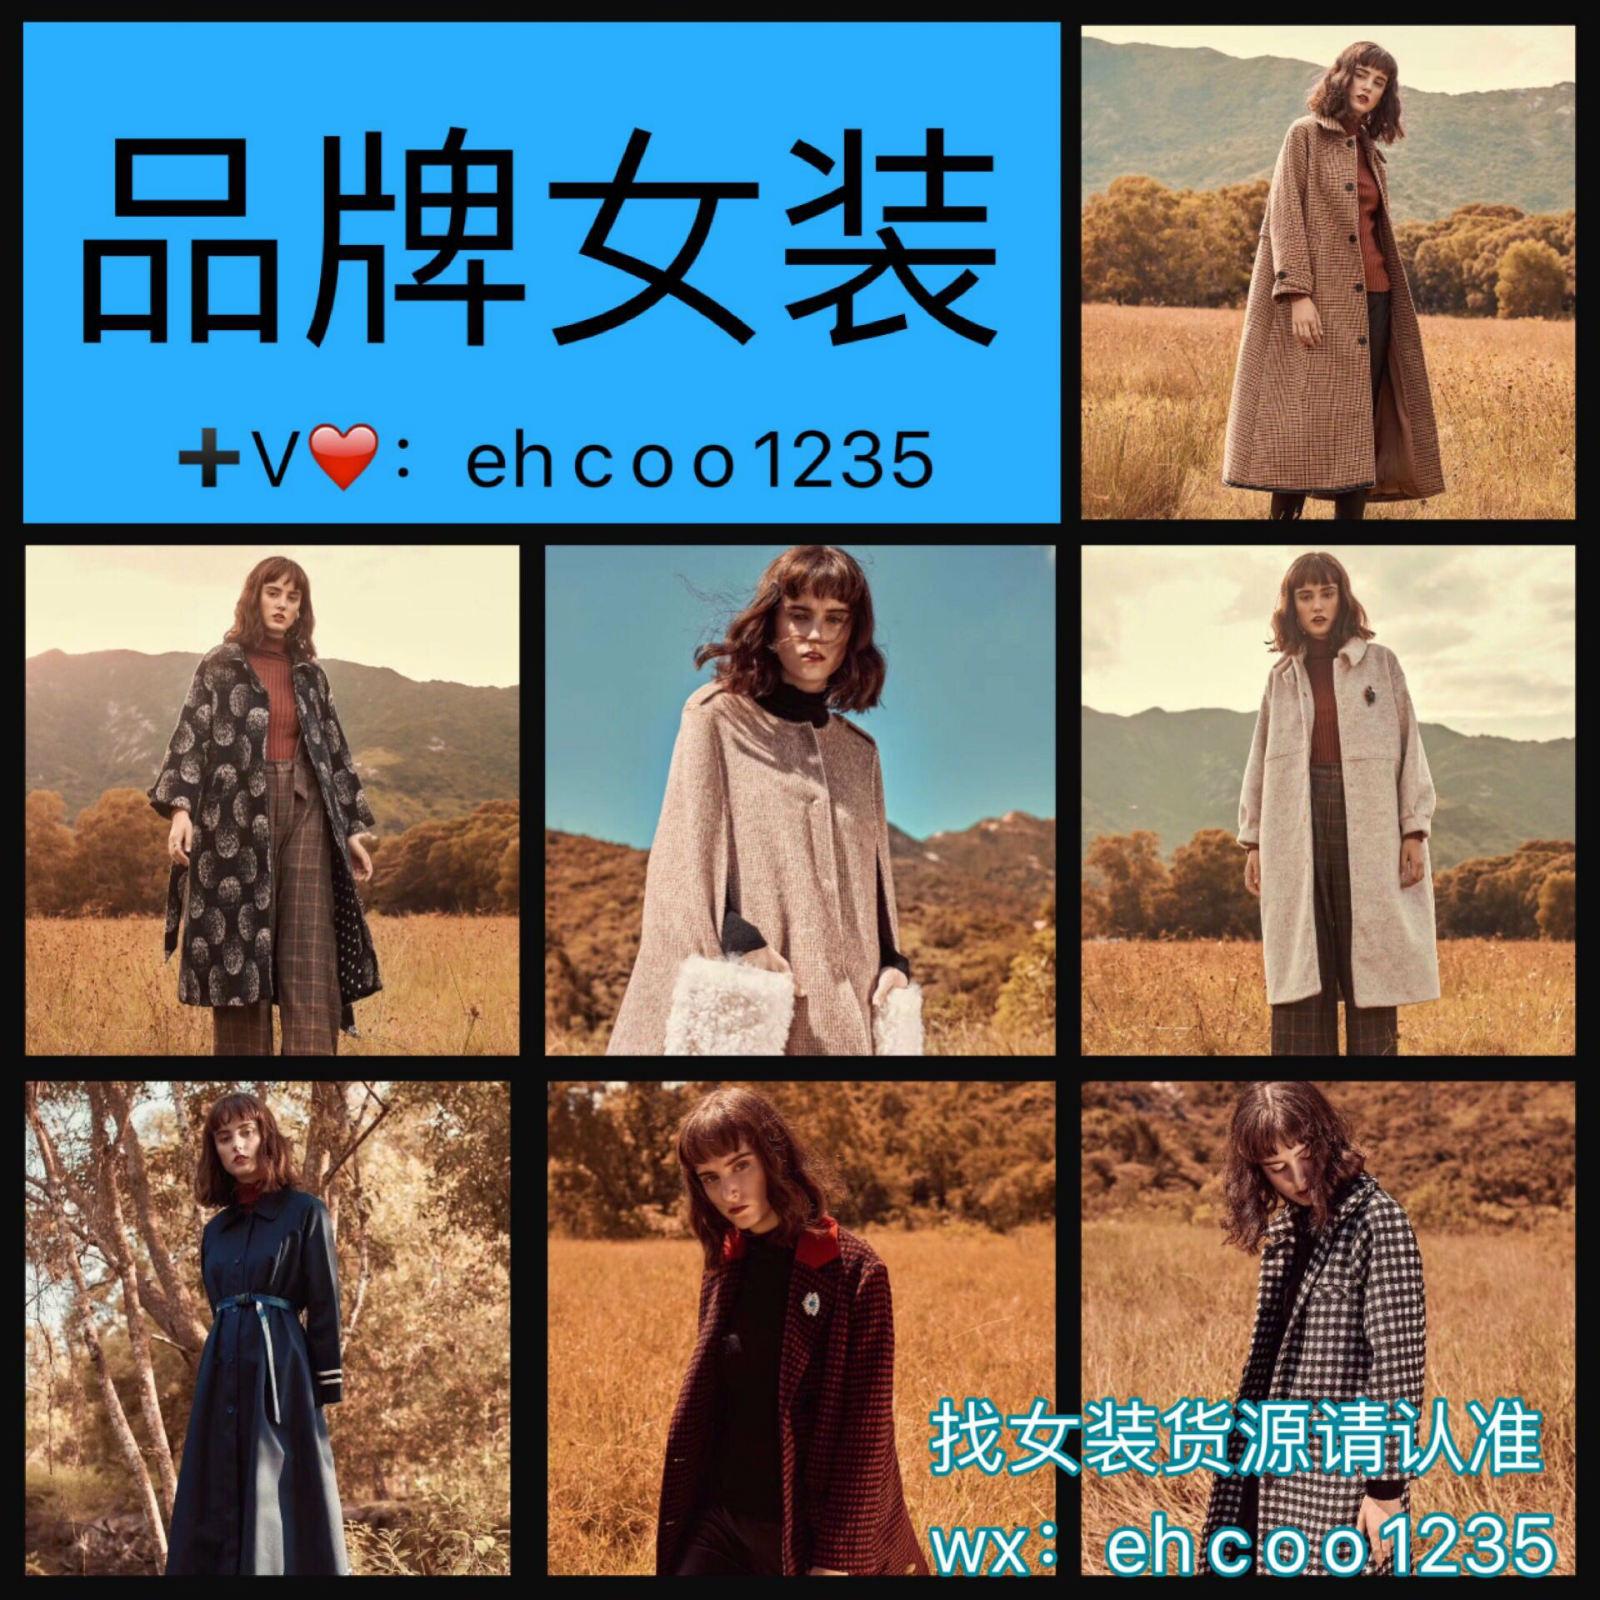 微商淘宝女装 厂家直销 一件代发 开店指导 招代理加盟